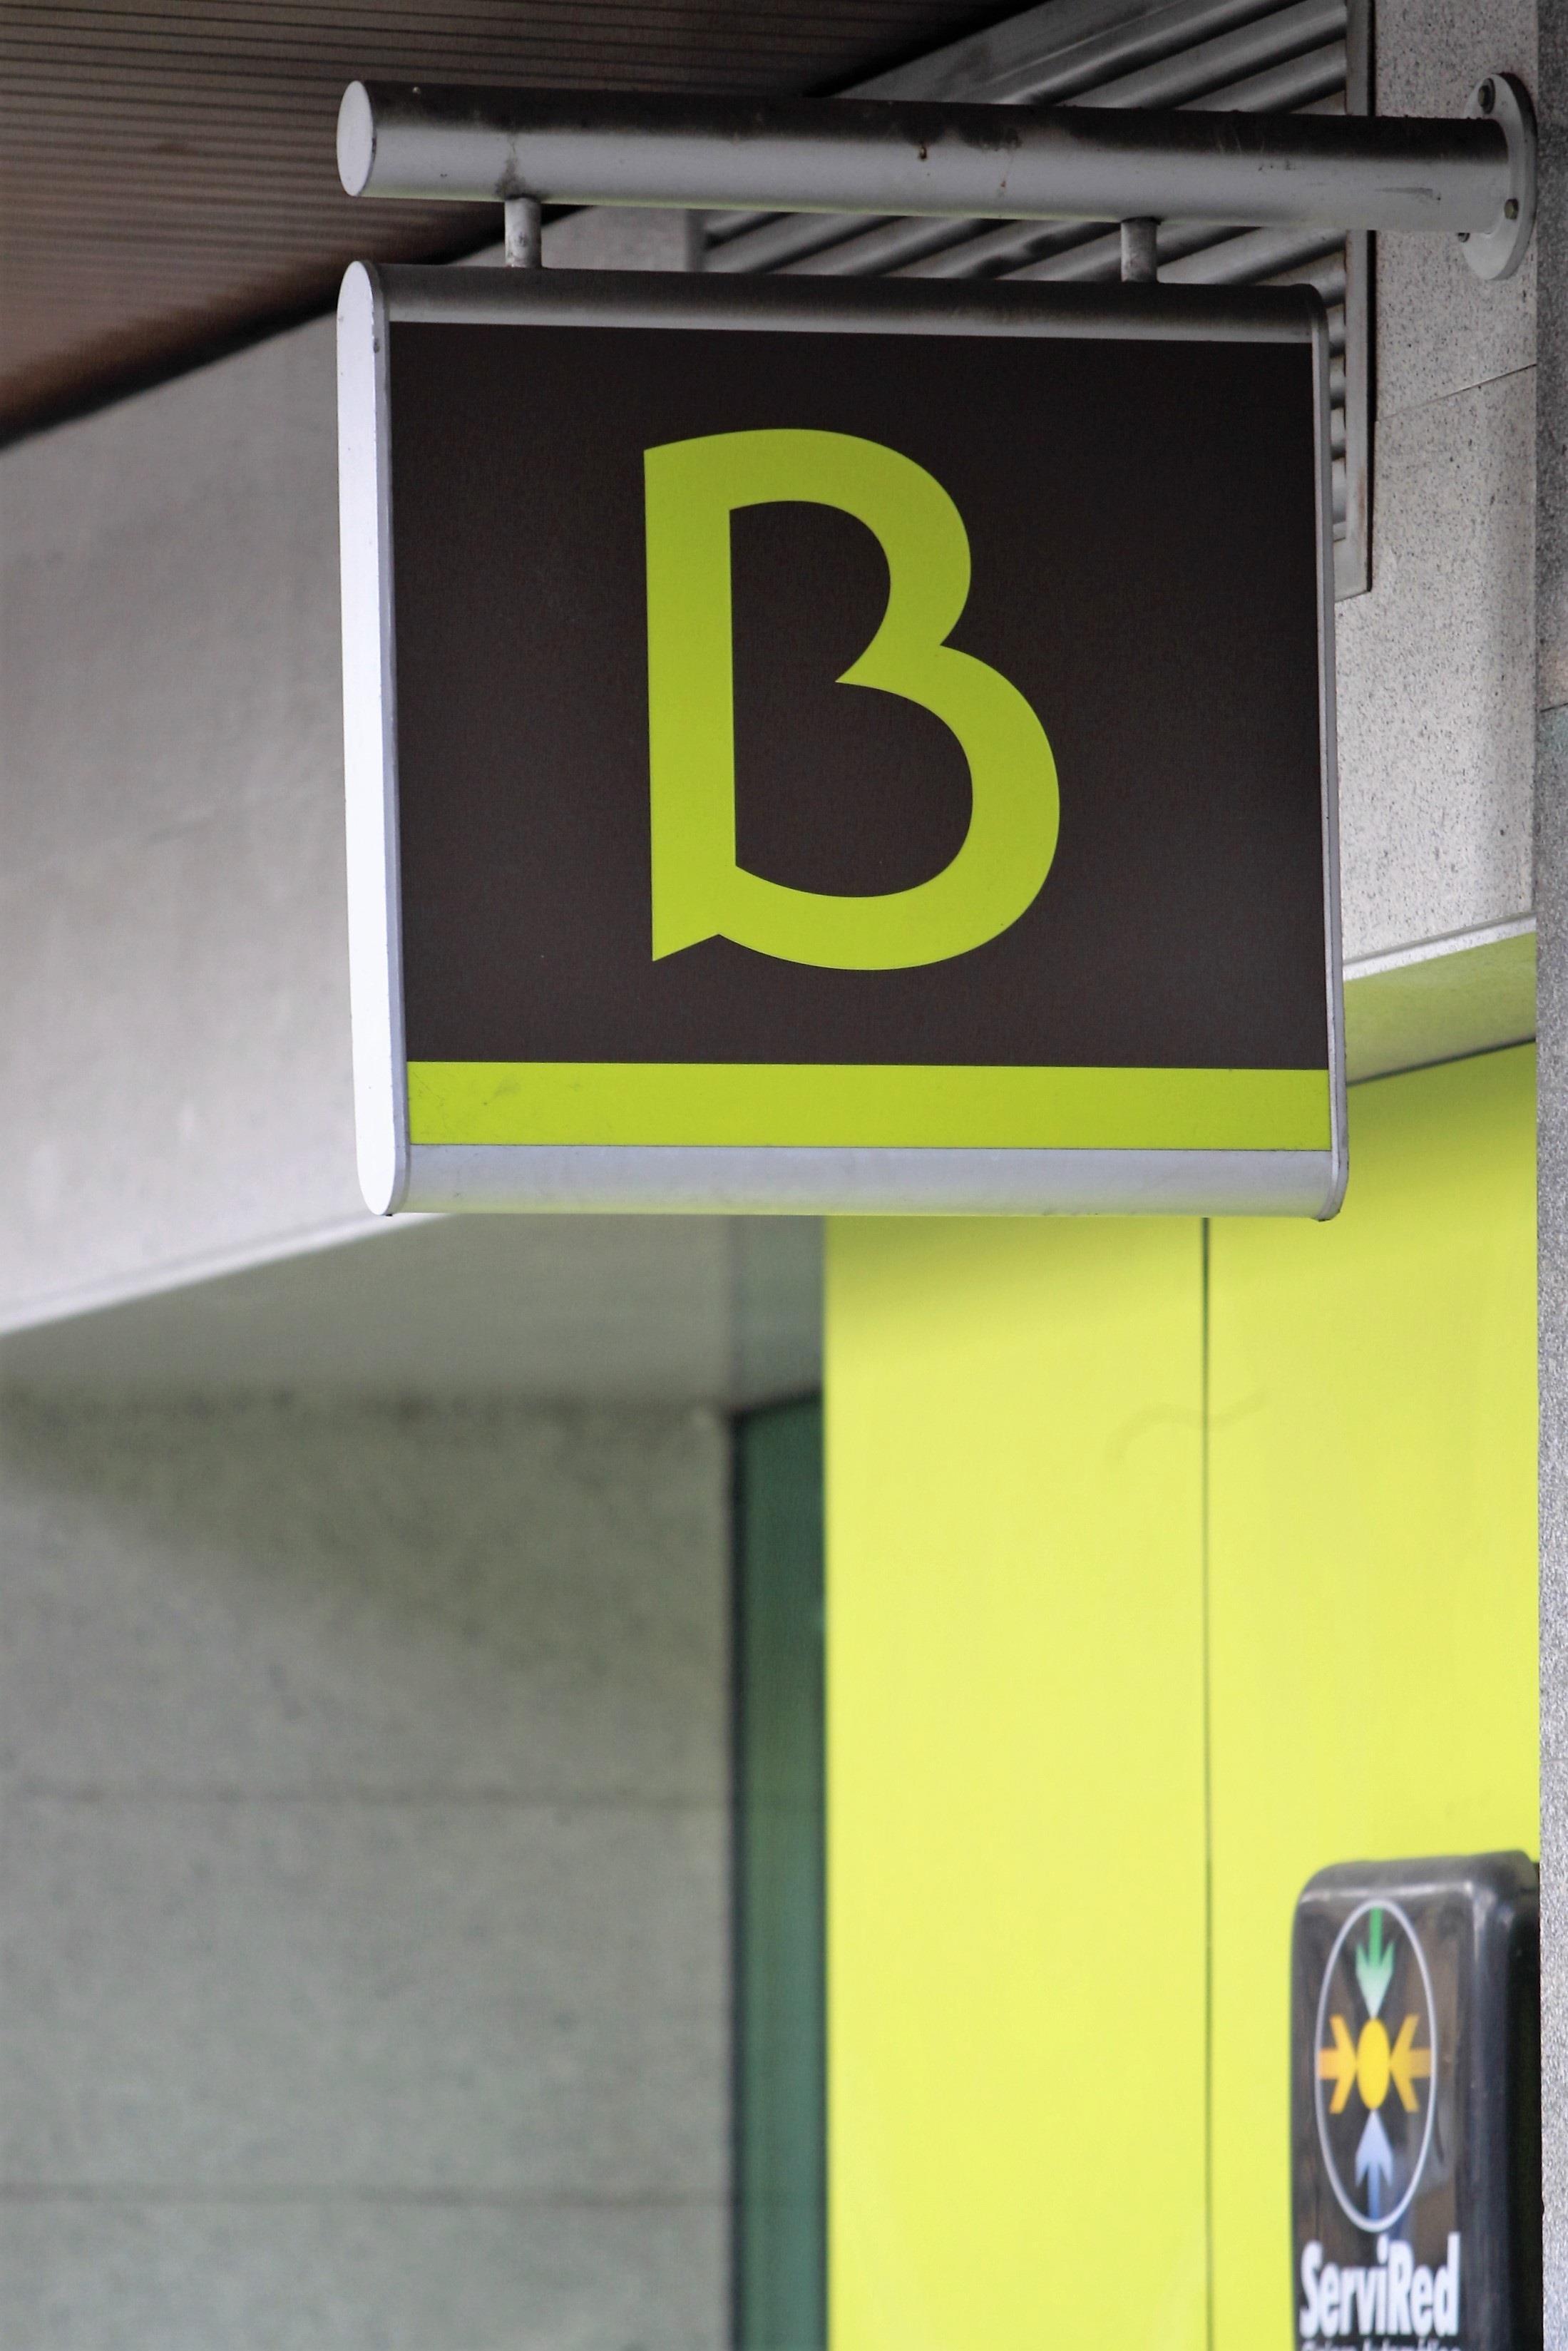 Bankia eleva m s de un 20 el cr dito a vivienda y consumo for Pisos de bancos bankia